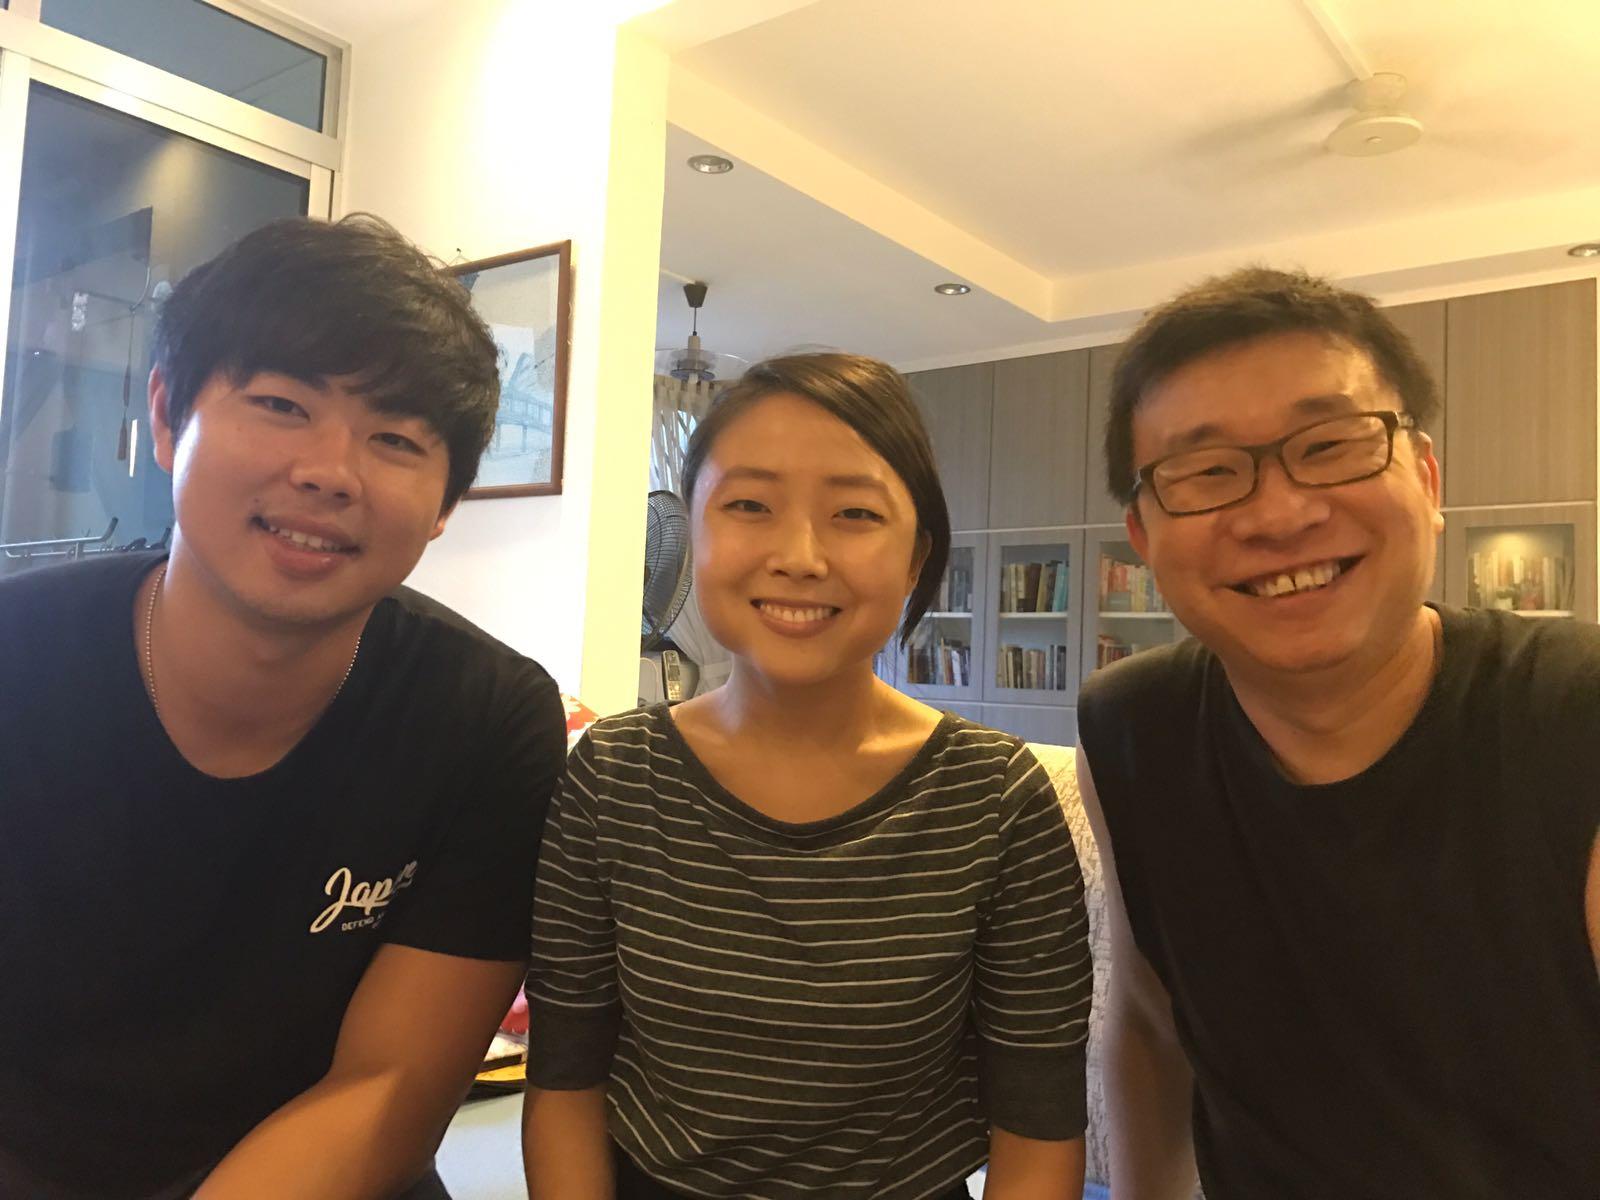 singapore brack Ben Yom, Kirin Heng and Kok Heng Leun